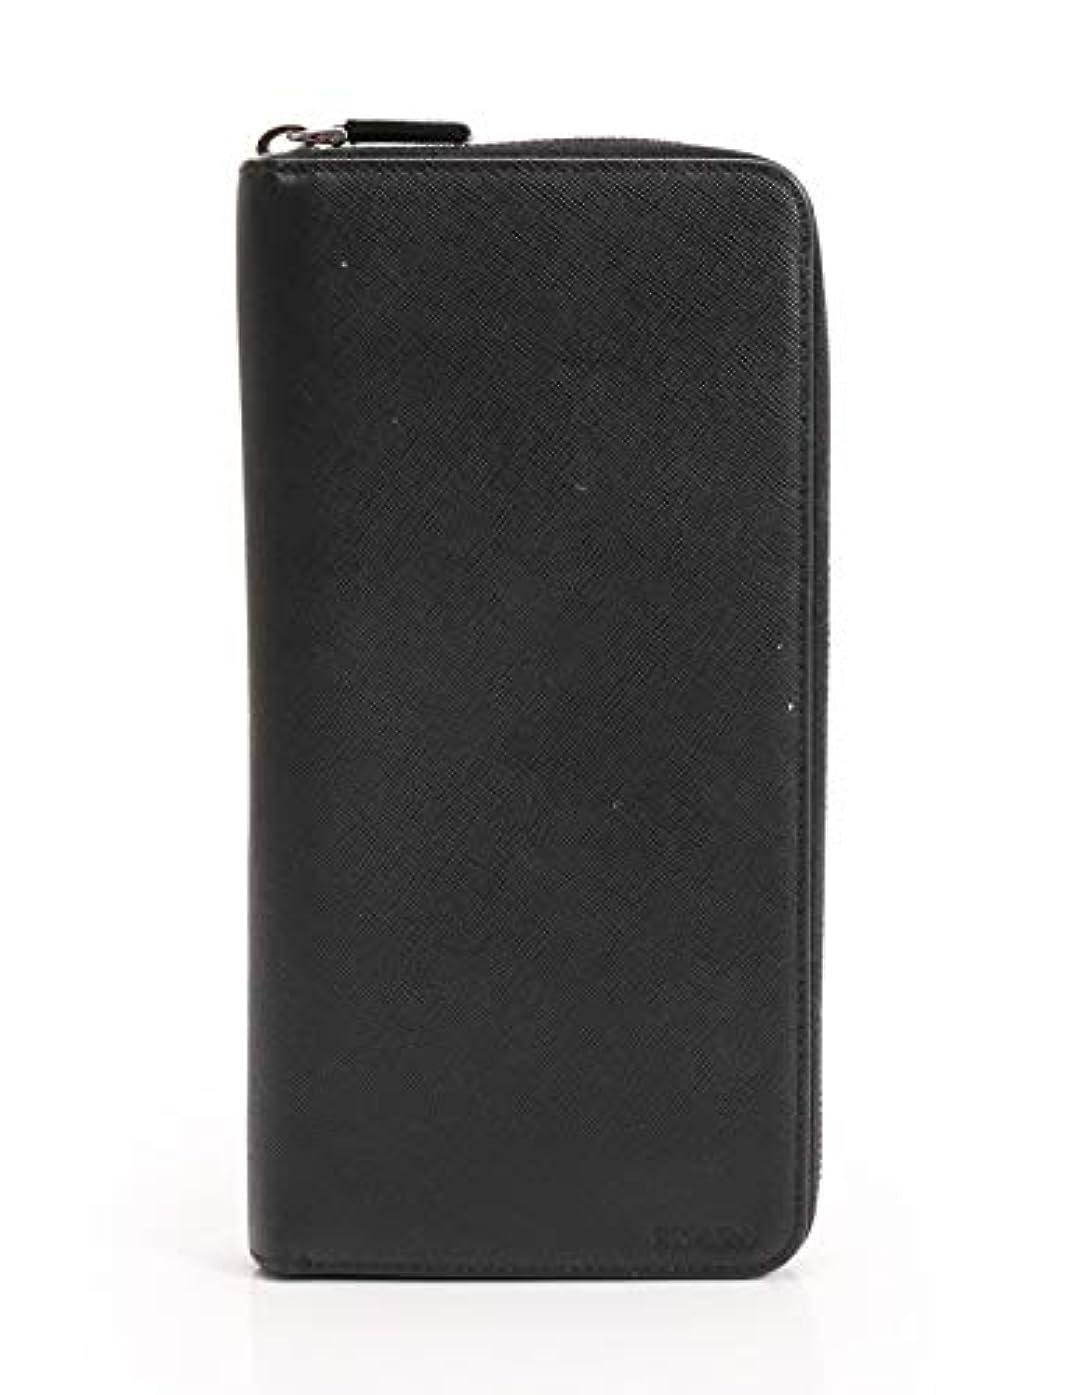 常に非効率的な味わう(プラダ) PRADA SAFFIANO ラウンドファスナー長財布 サフィアーノレザー 黒 2M1220 中古